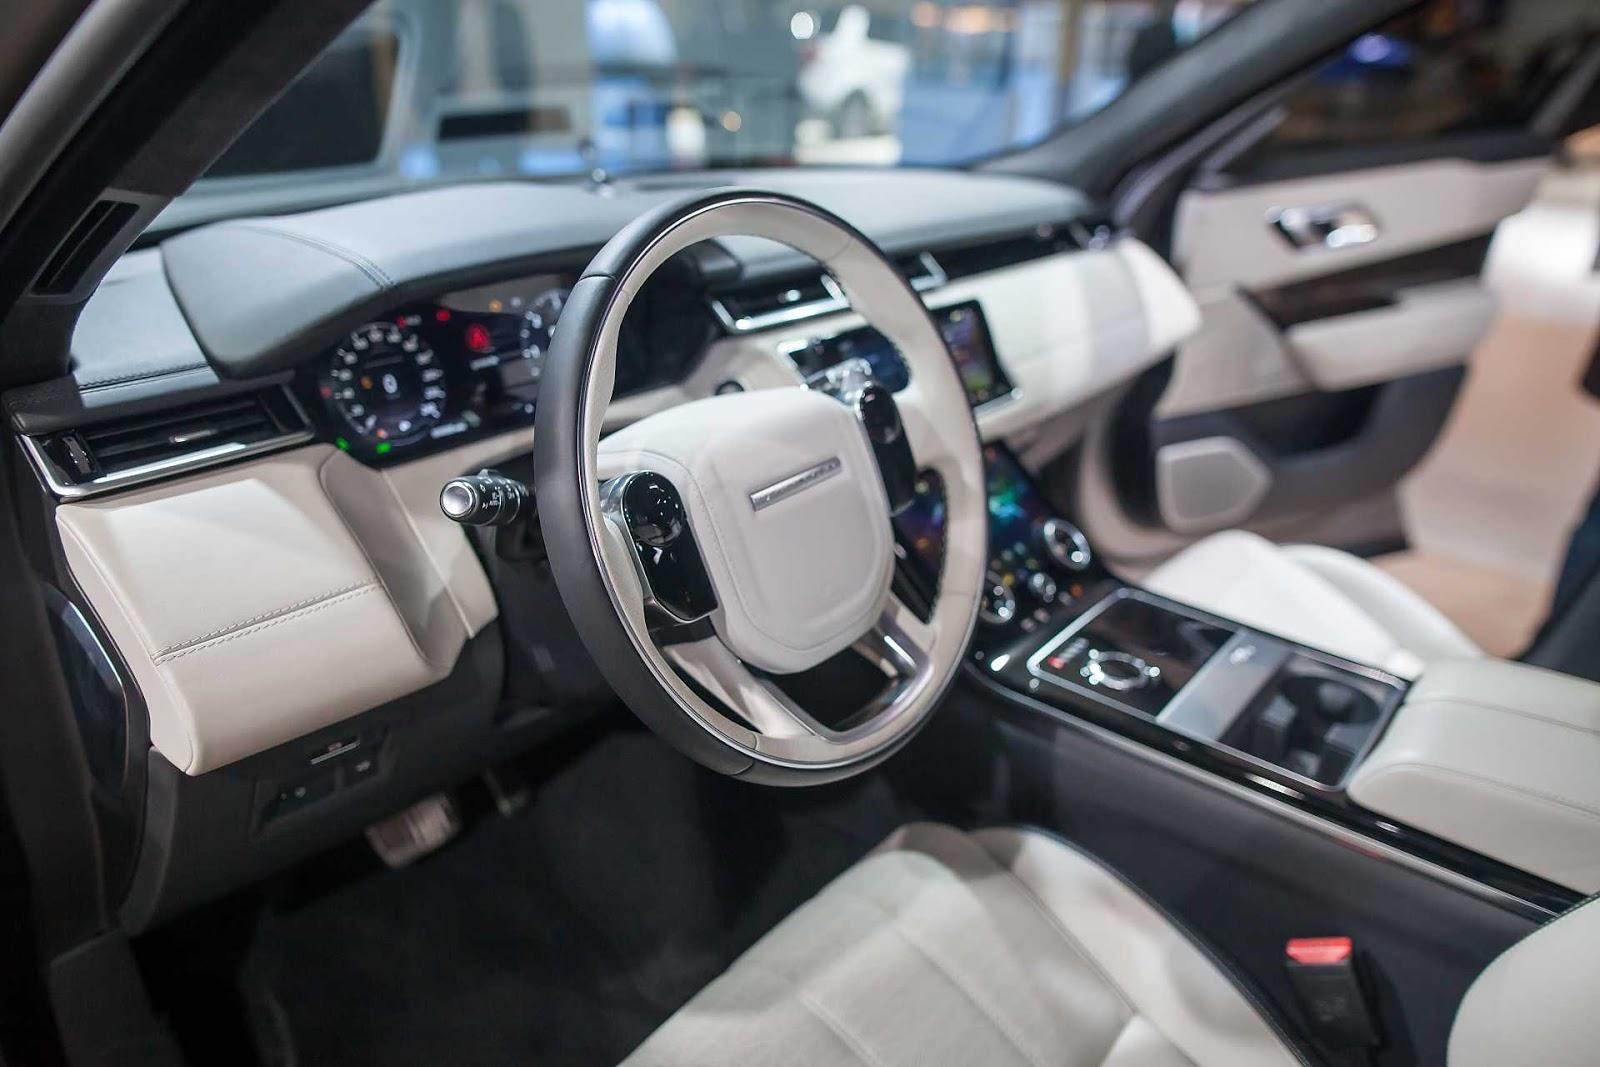 xe g m cao 5 ch range rover velar 2 0 v 3 0. Black Bedroom Furniture Sets. Home Design Ideas